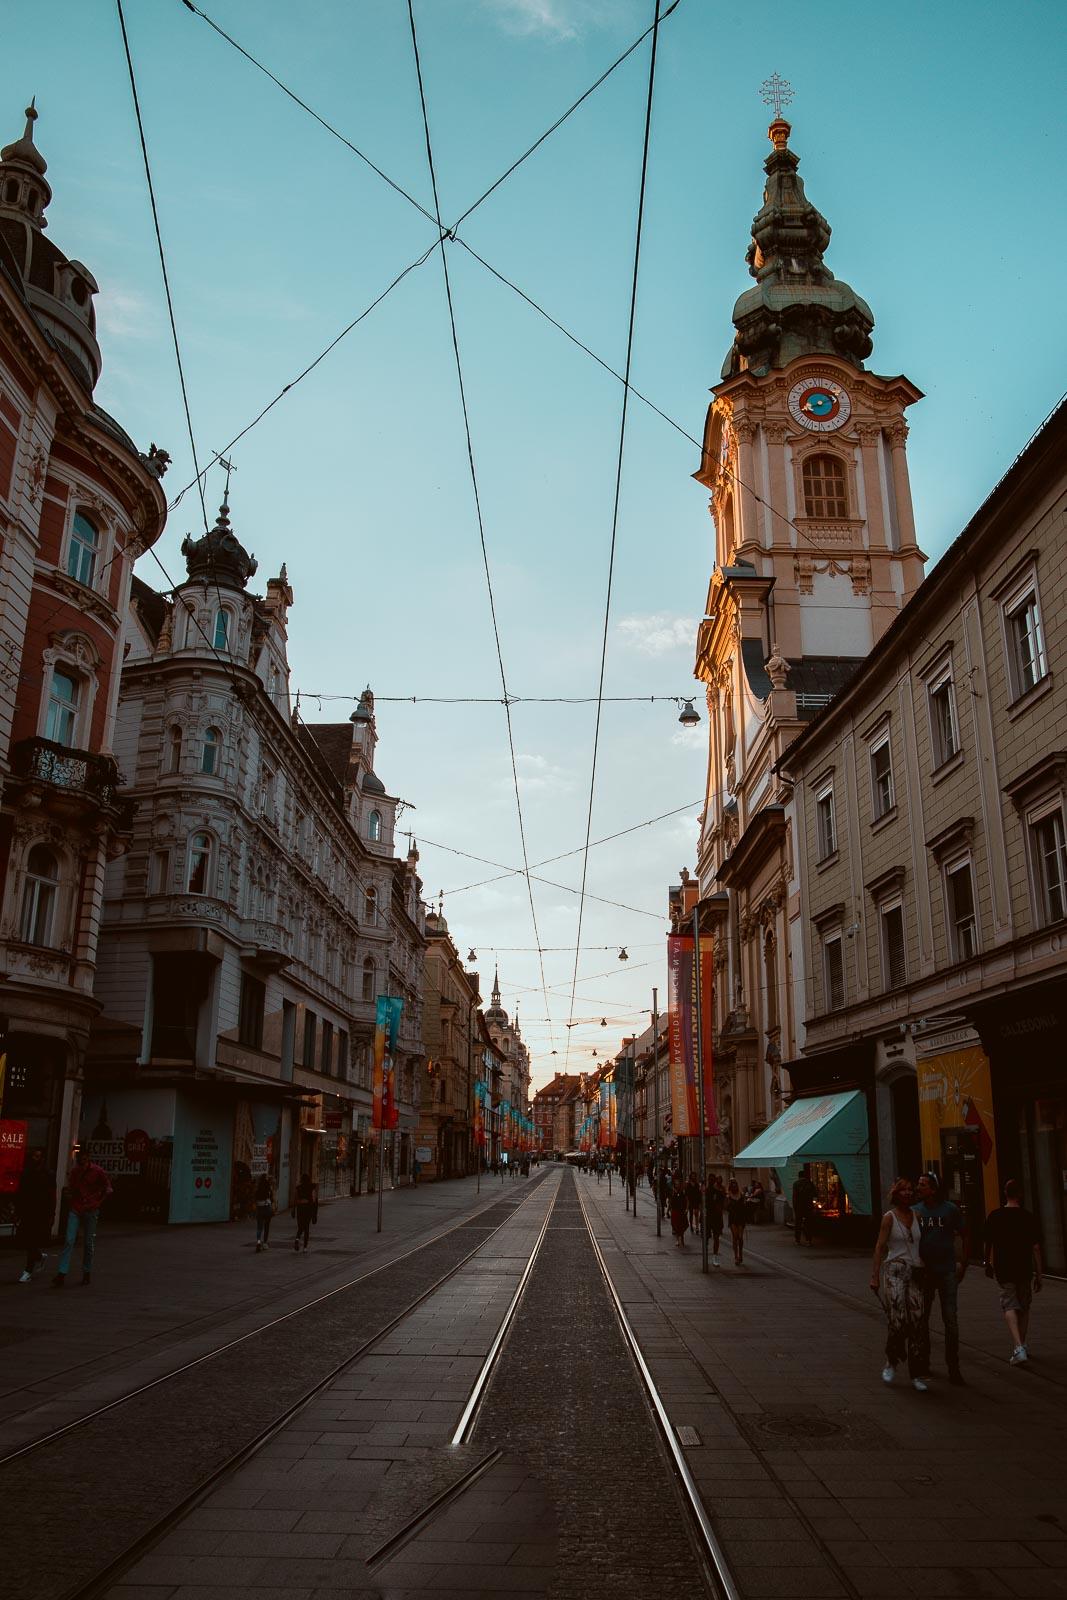 Summervibes in Graz